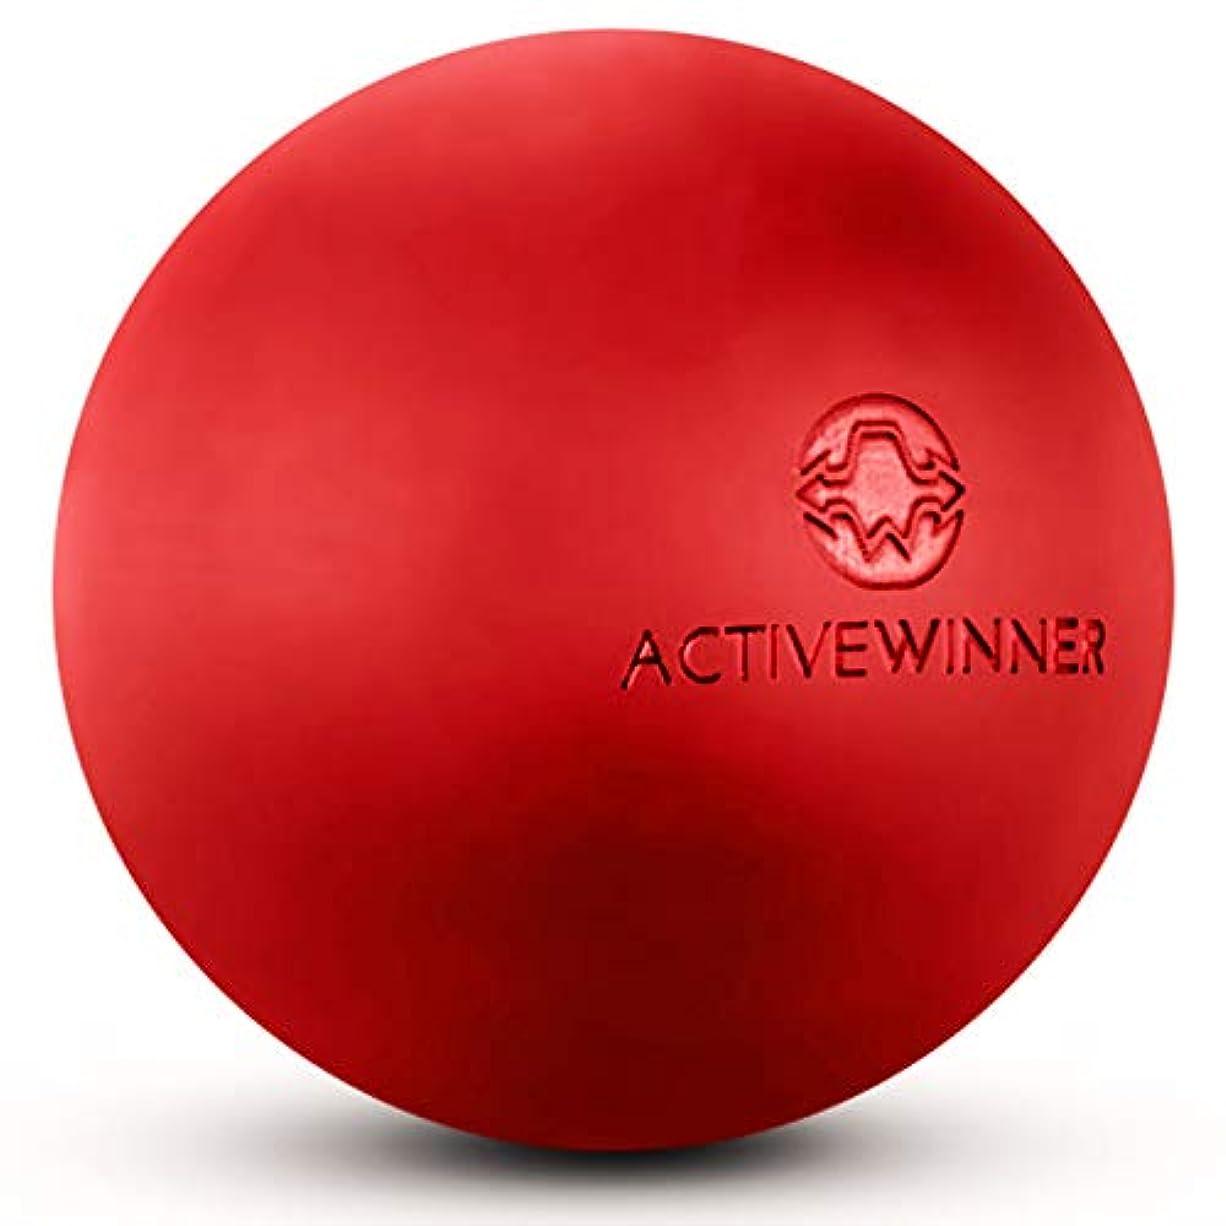 サンダー毎回リンスActive Winner マッサージボール トリガーポイント (レッド) ストレッチボール 筋膜リリース トレーニング 背中 肩こり 腰 ふくらはぎ 足 ツボ押し